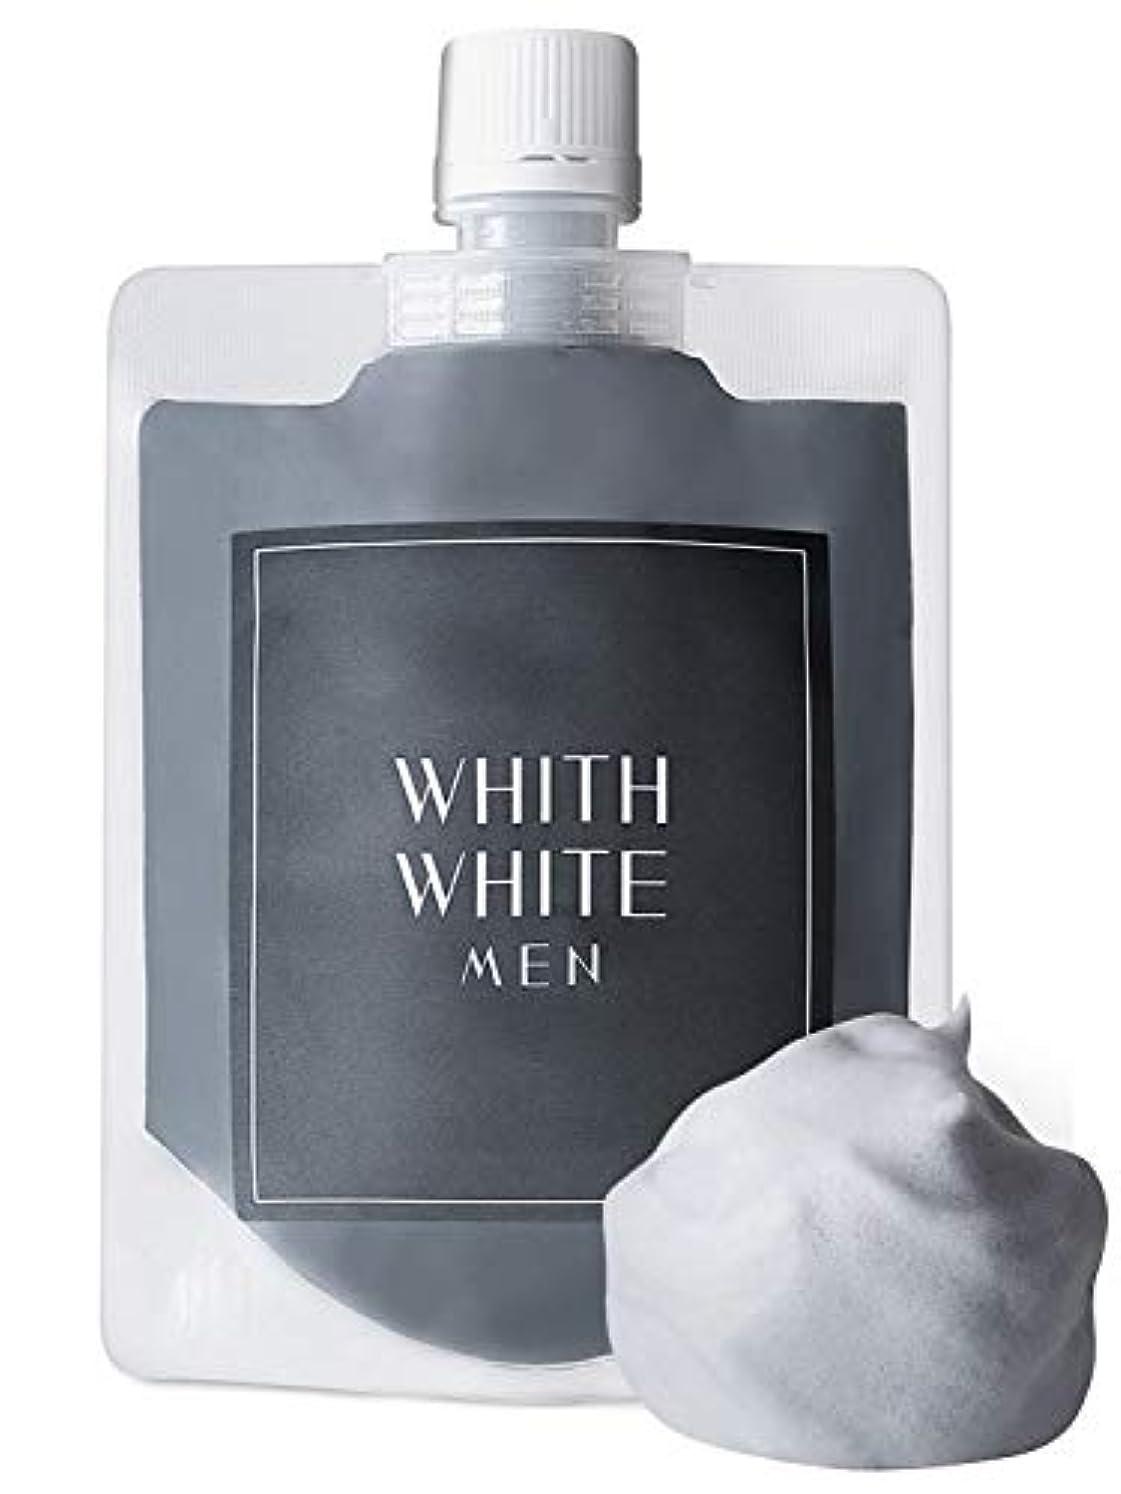 困惑する動機初期フィス ホワイト メンズ 泥 洗顔 ネット 付き 8つの 無添加 洗顔フォーム (炭 泡 クレイ で 顔 汚れ を 落とす) (日本製 洗顔料 130g リッチ セット)(どろ で 毛穴 を ごっそり 除去)